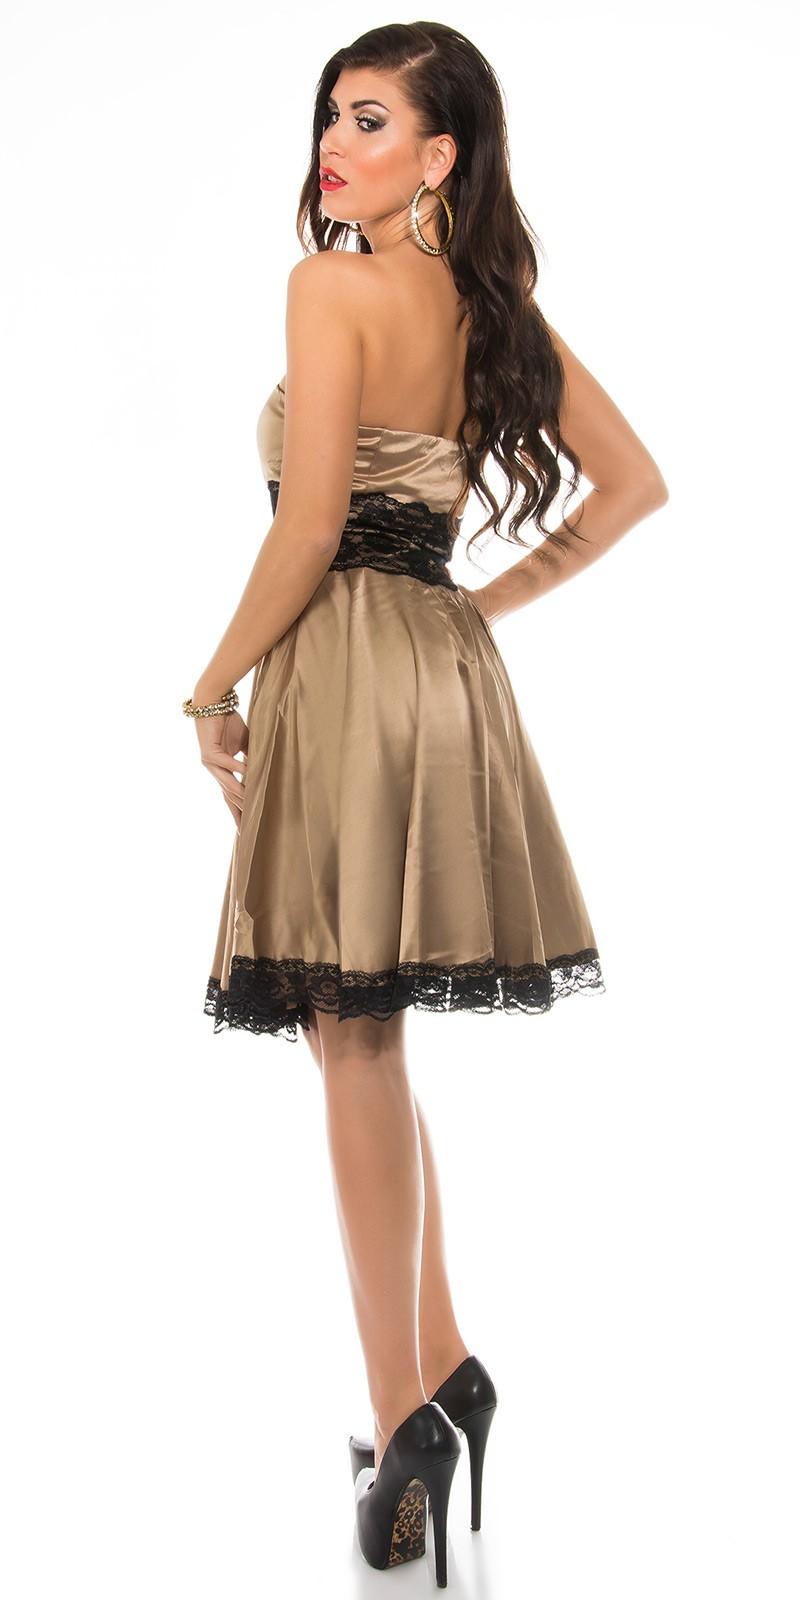 f5ec4735c1 Fekete csipke rátétes alkalmi ruha - Pezsgő (36-42). Az Ön értékelése: